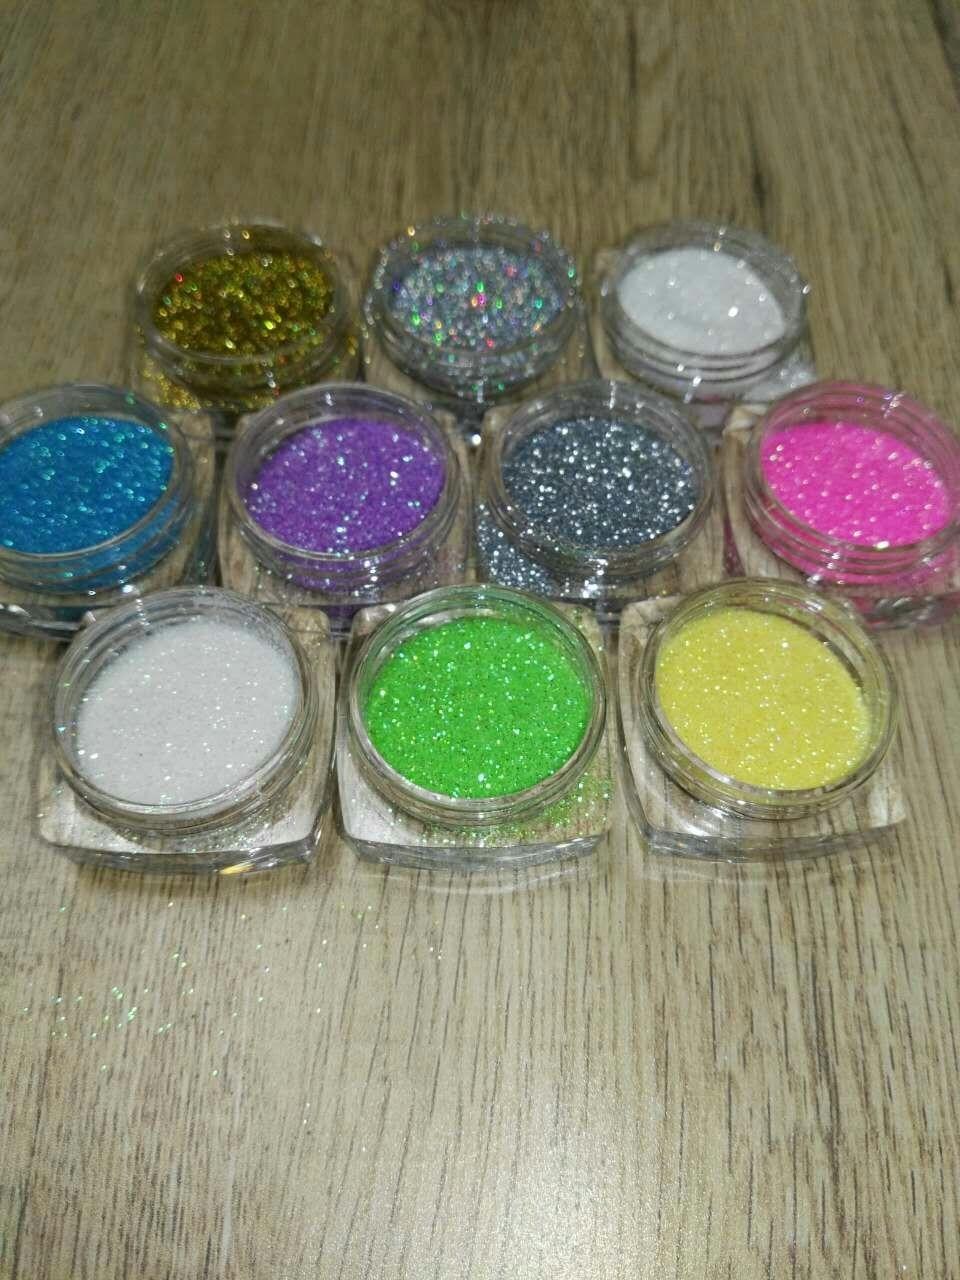 10 Farben 0,2mm Holographische Glitters Nagel Hologramm Glitter Staub Pulver Nägel Kunst Holo Glitter Pulver Nagel Glitters Dekorationen Nails Art & Werkzeuge